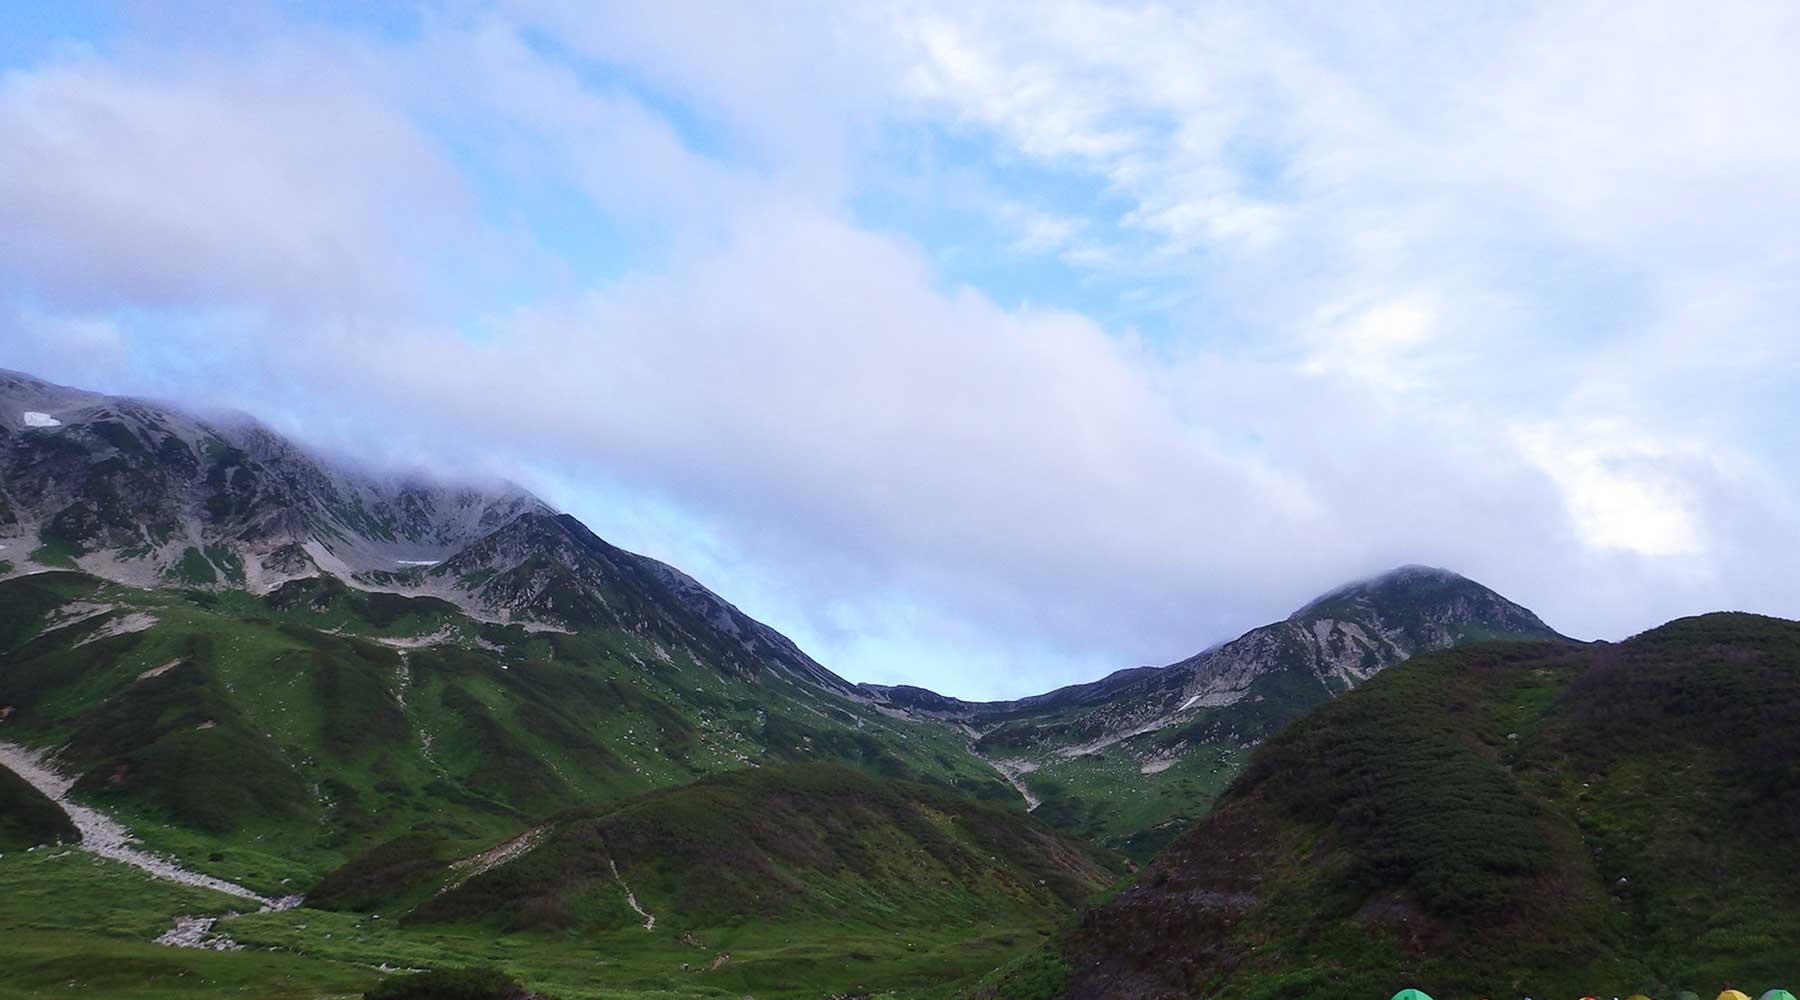 雷鳥沢キャンプ場から見た一ノ越のコル